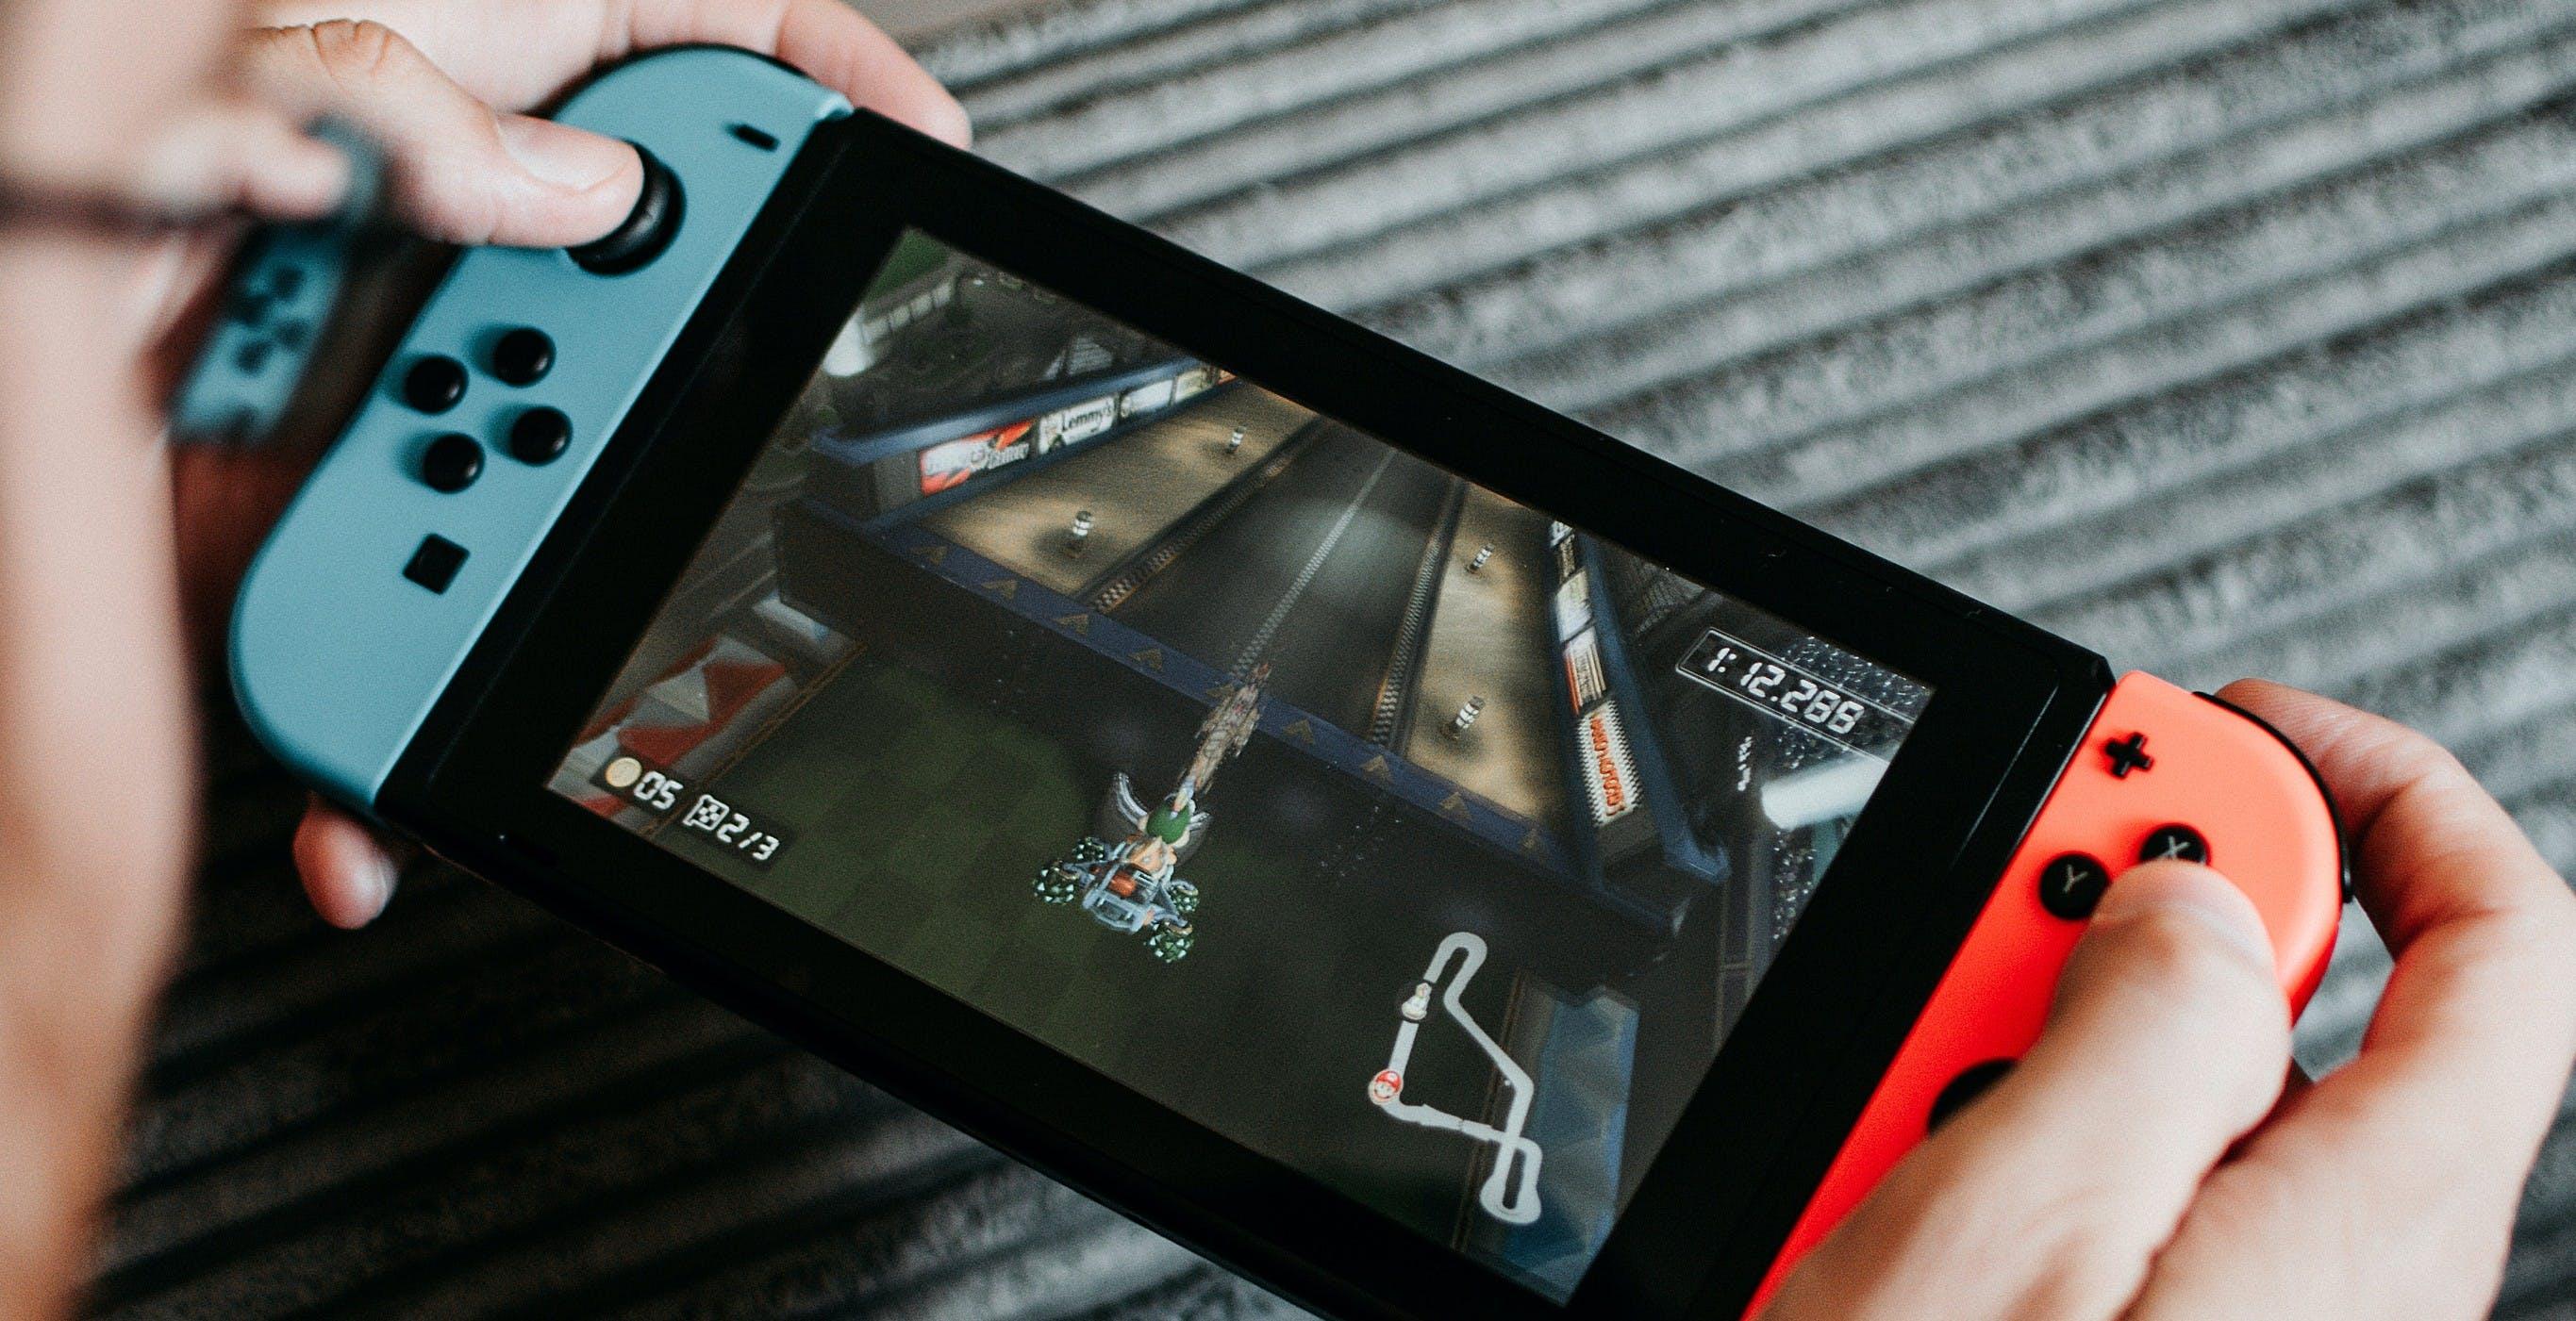 """La crisi dei chip colpisce anche Nintendo Switch: """"Possibile scarsità di scorte in futuro"""""""